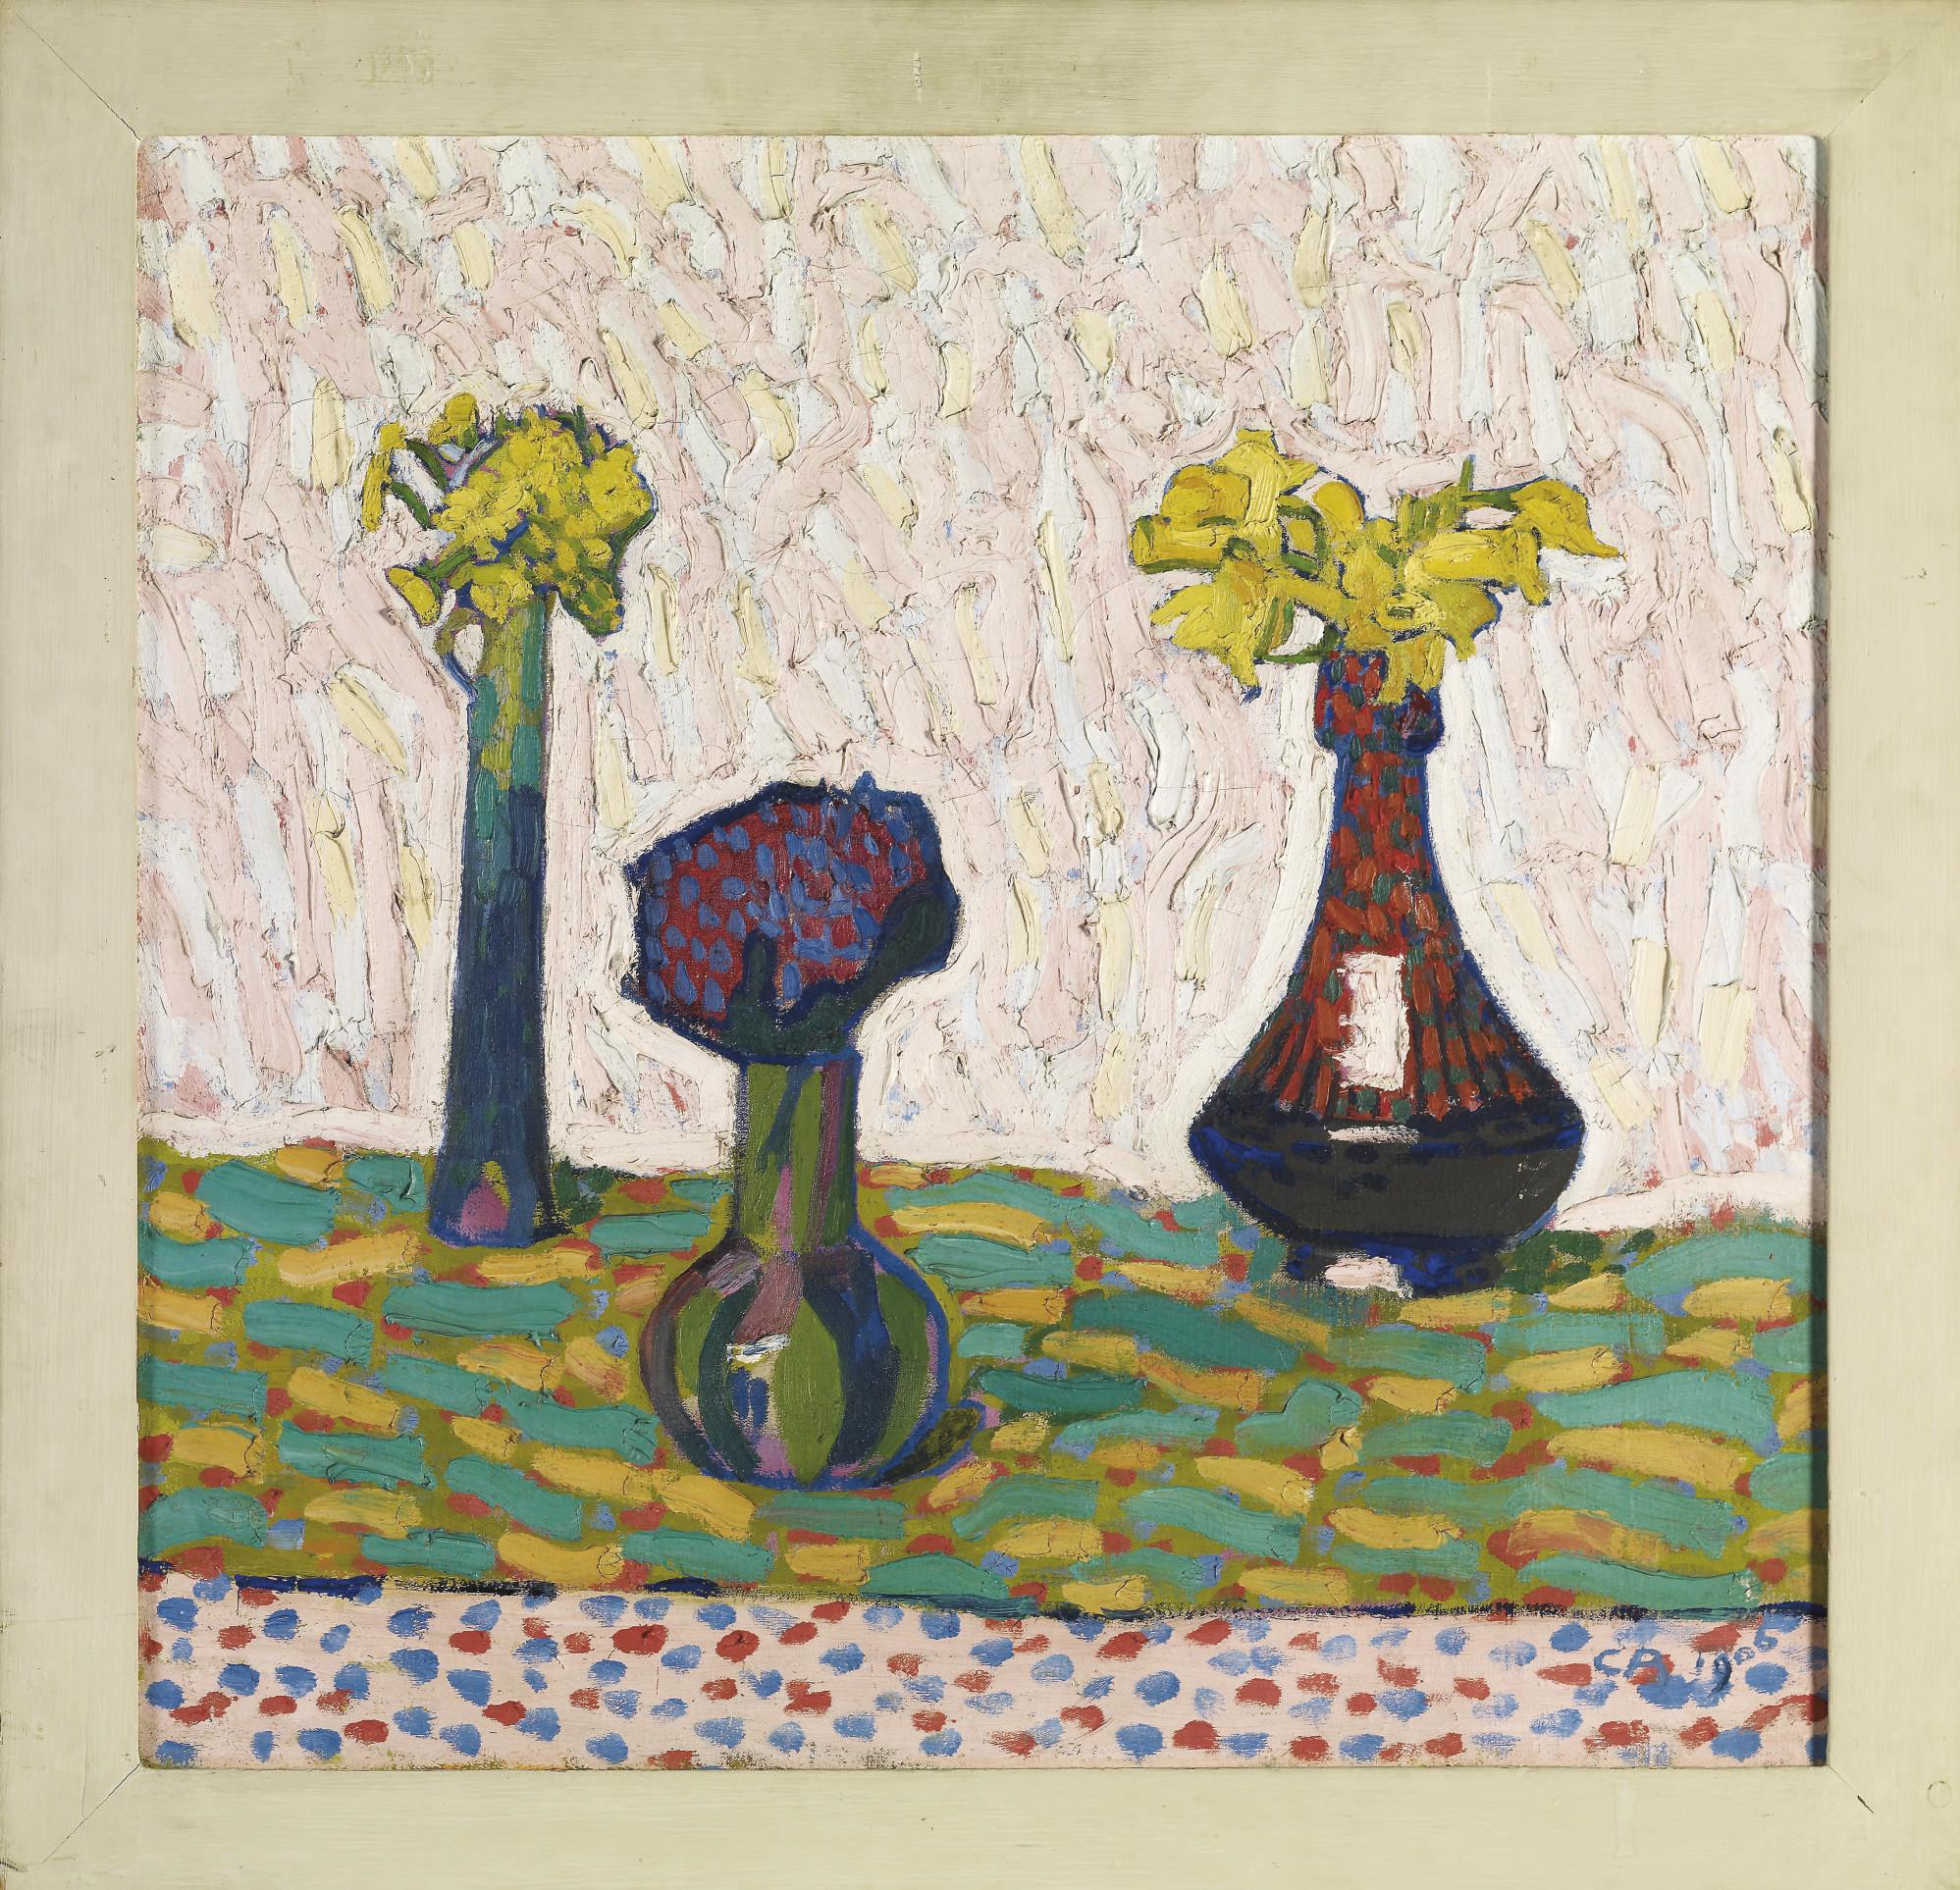 Stillleben mit drei Vasen, 1906